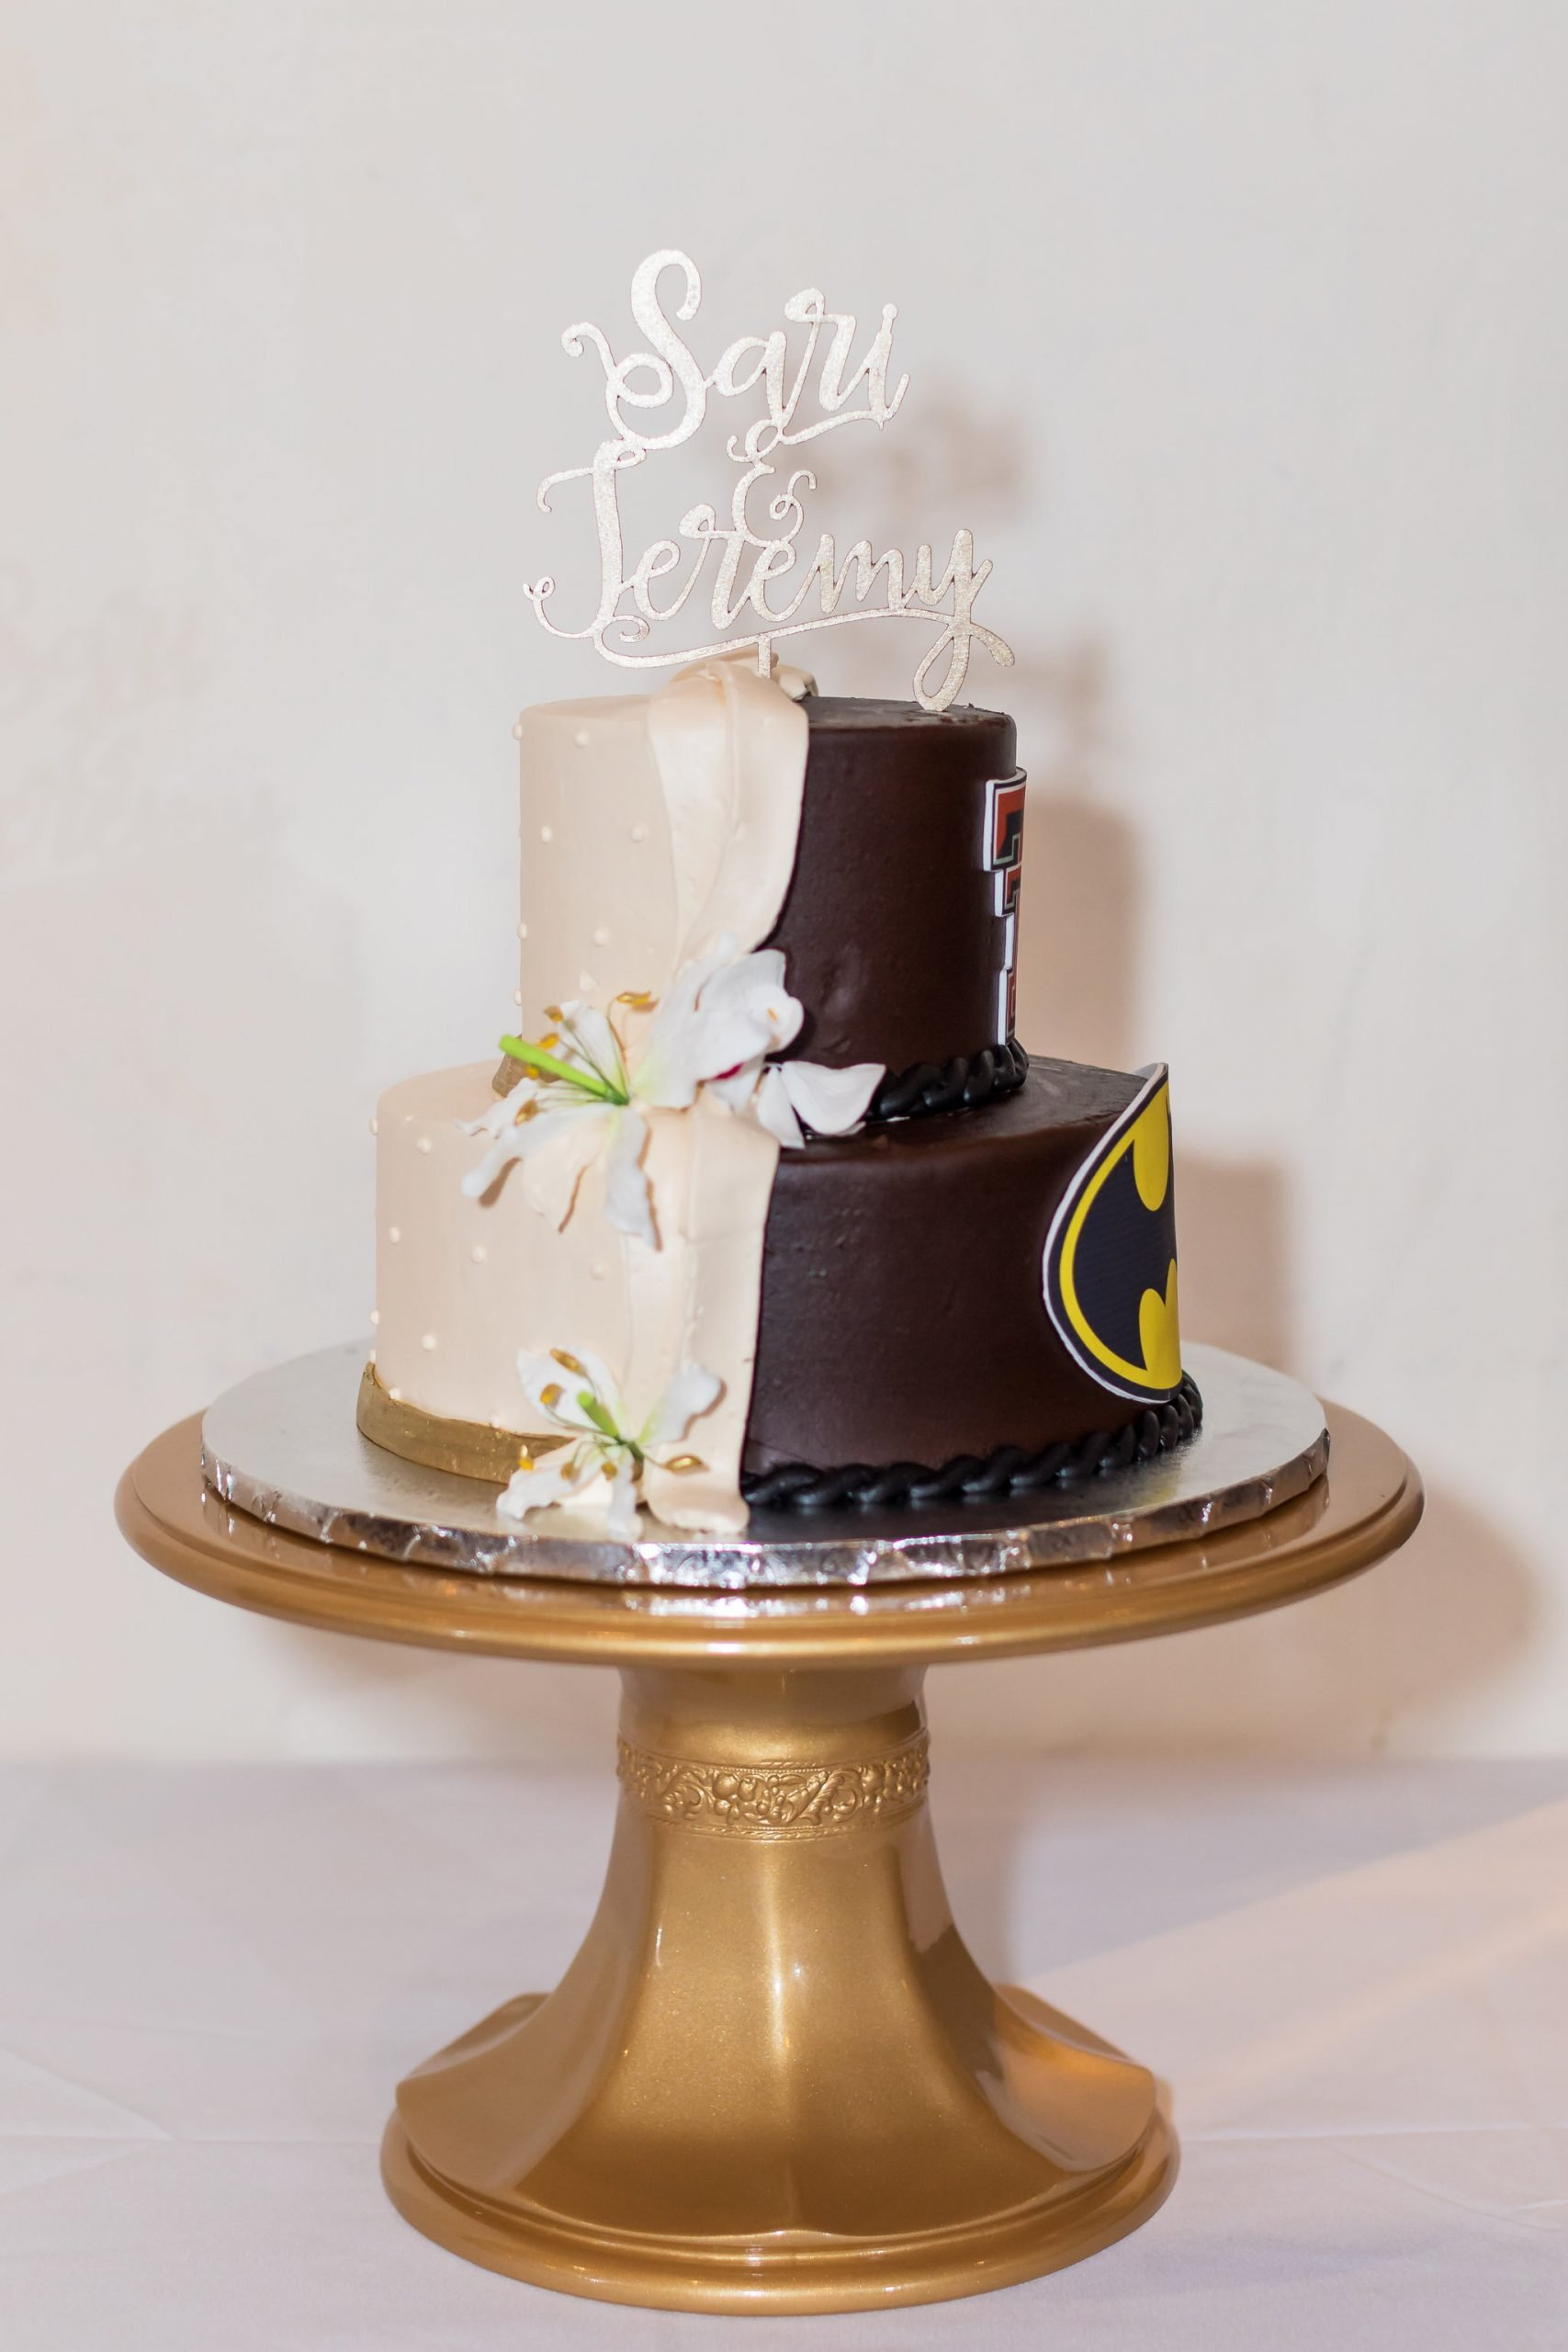 Cakes & More Bake Shop